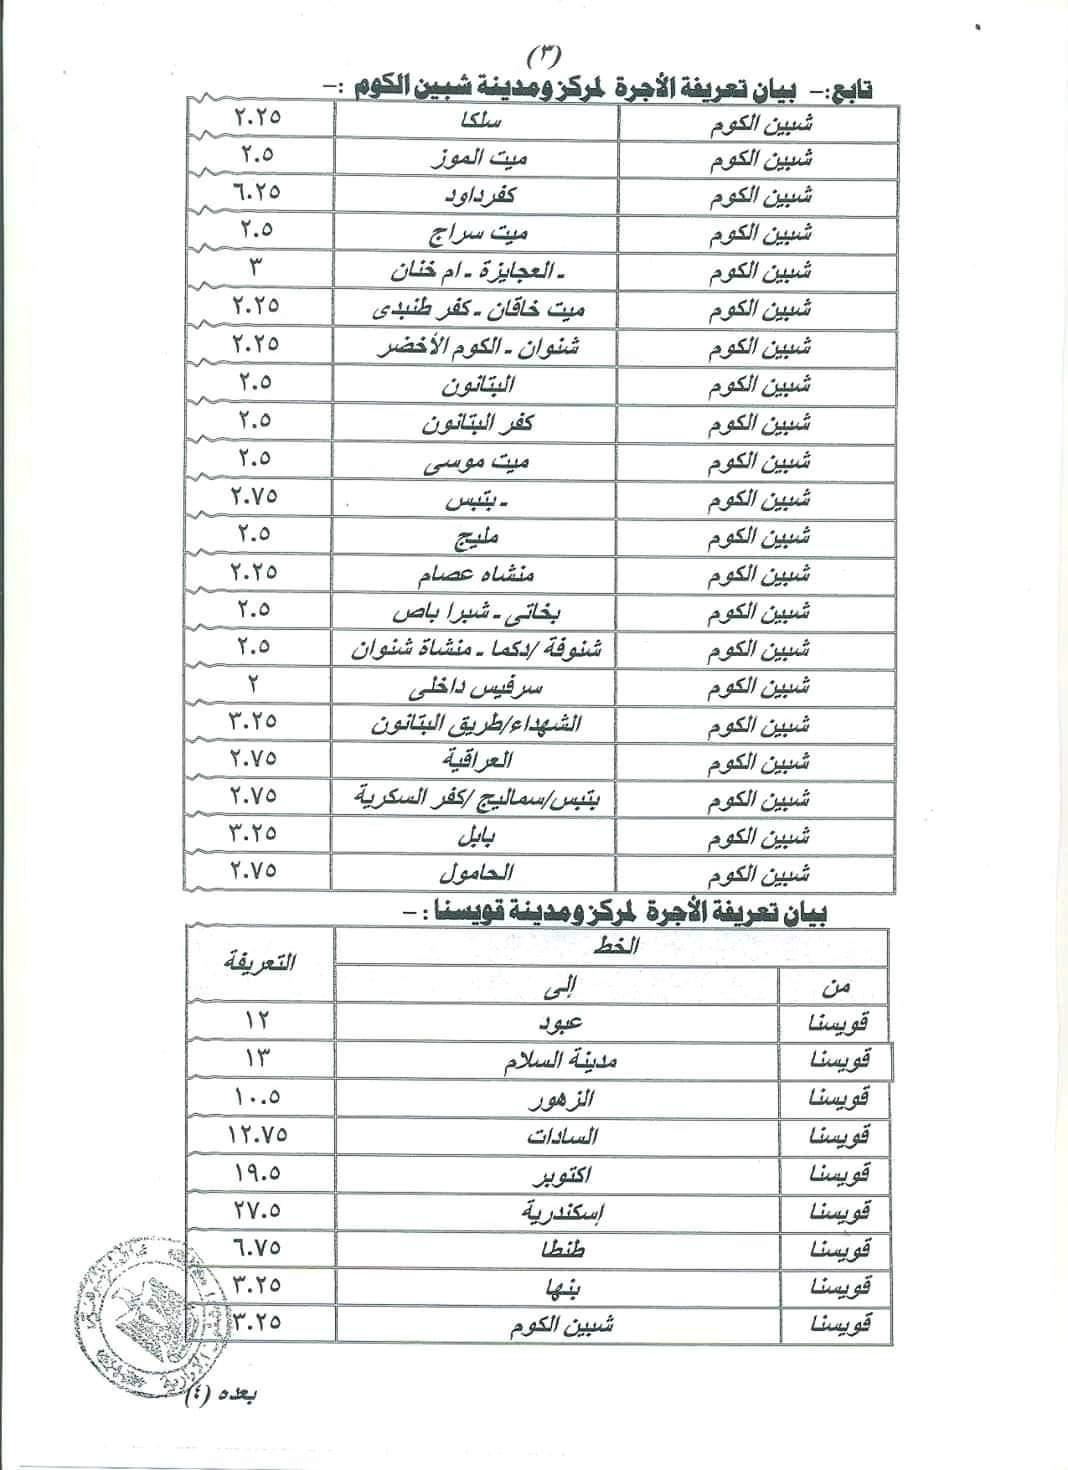 ننشر التعريفه الجديده للمواصلات داخل وبين المدن المصرية بعد زياده اسعار الوقود بجميع المحافظات FB_IMG_1562330873135